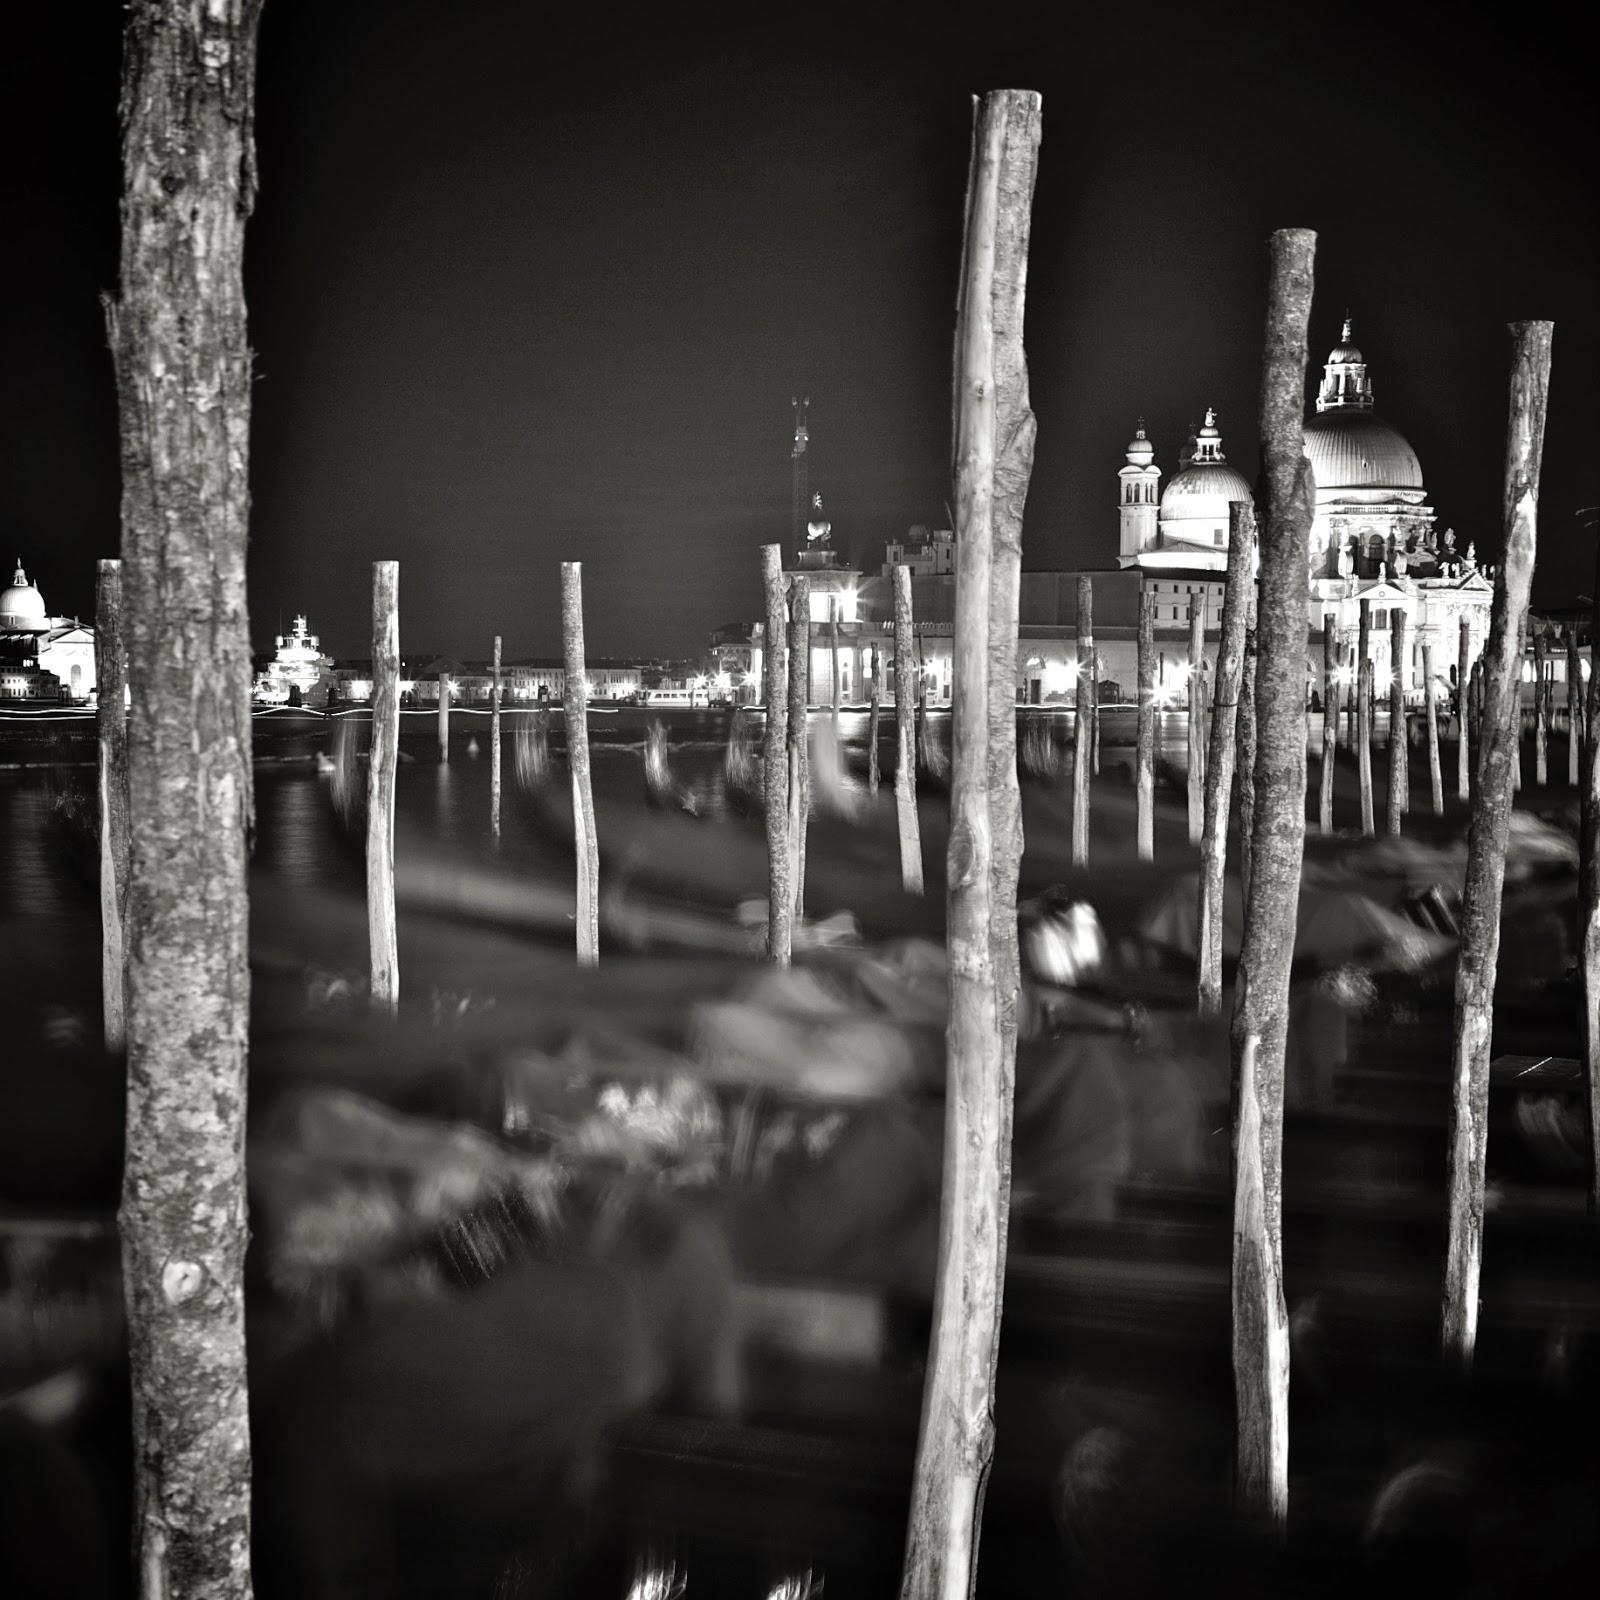 Ночная Венеция, Этюд 4 /  Venice at Night, Study 4 (Italy, Venice, 2011), Алексей Аврамчик. Интервью. Alexey Avramchik. Interview. фотограф любитель фотография фотопленка цифровое фото Зенит Nikon Cannon Смена-8М Творчество увлечение индустриальная фотография история amateur photographer photography digital film industrial passion hobby creative works